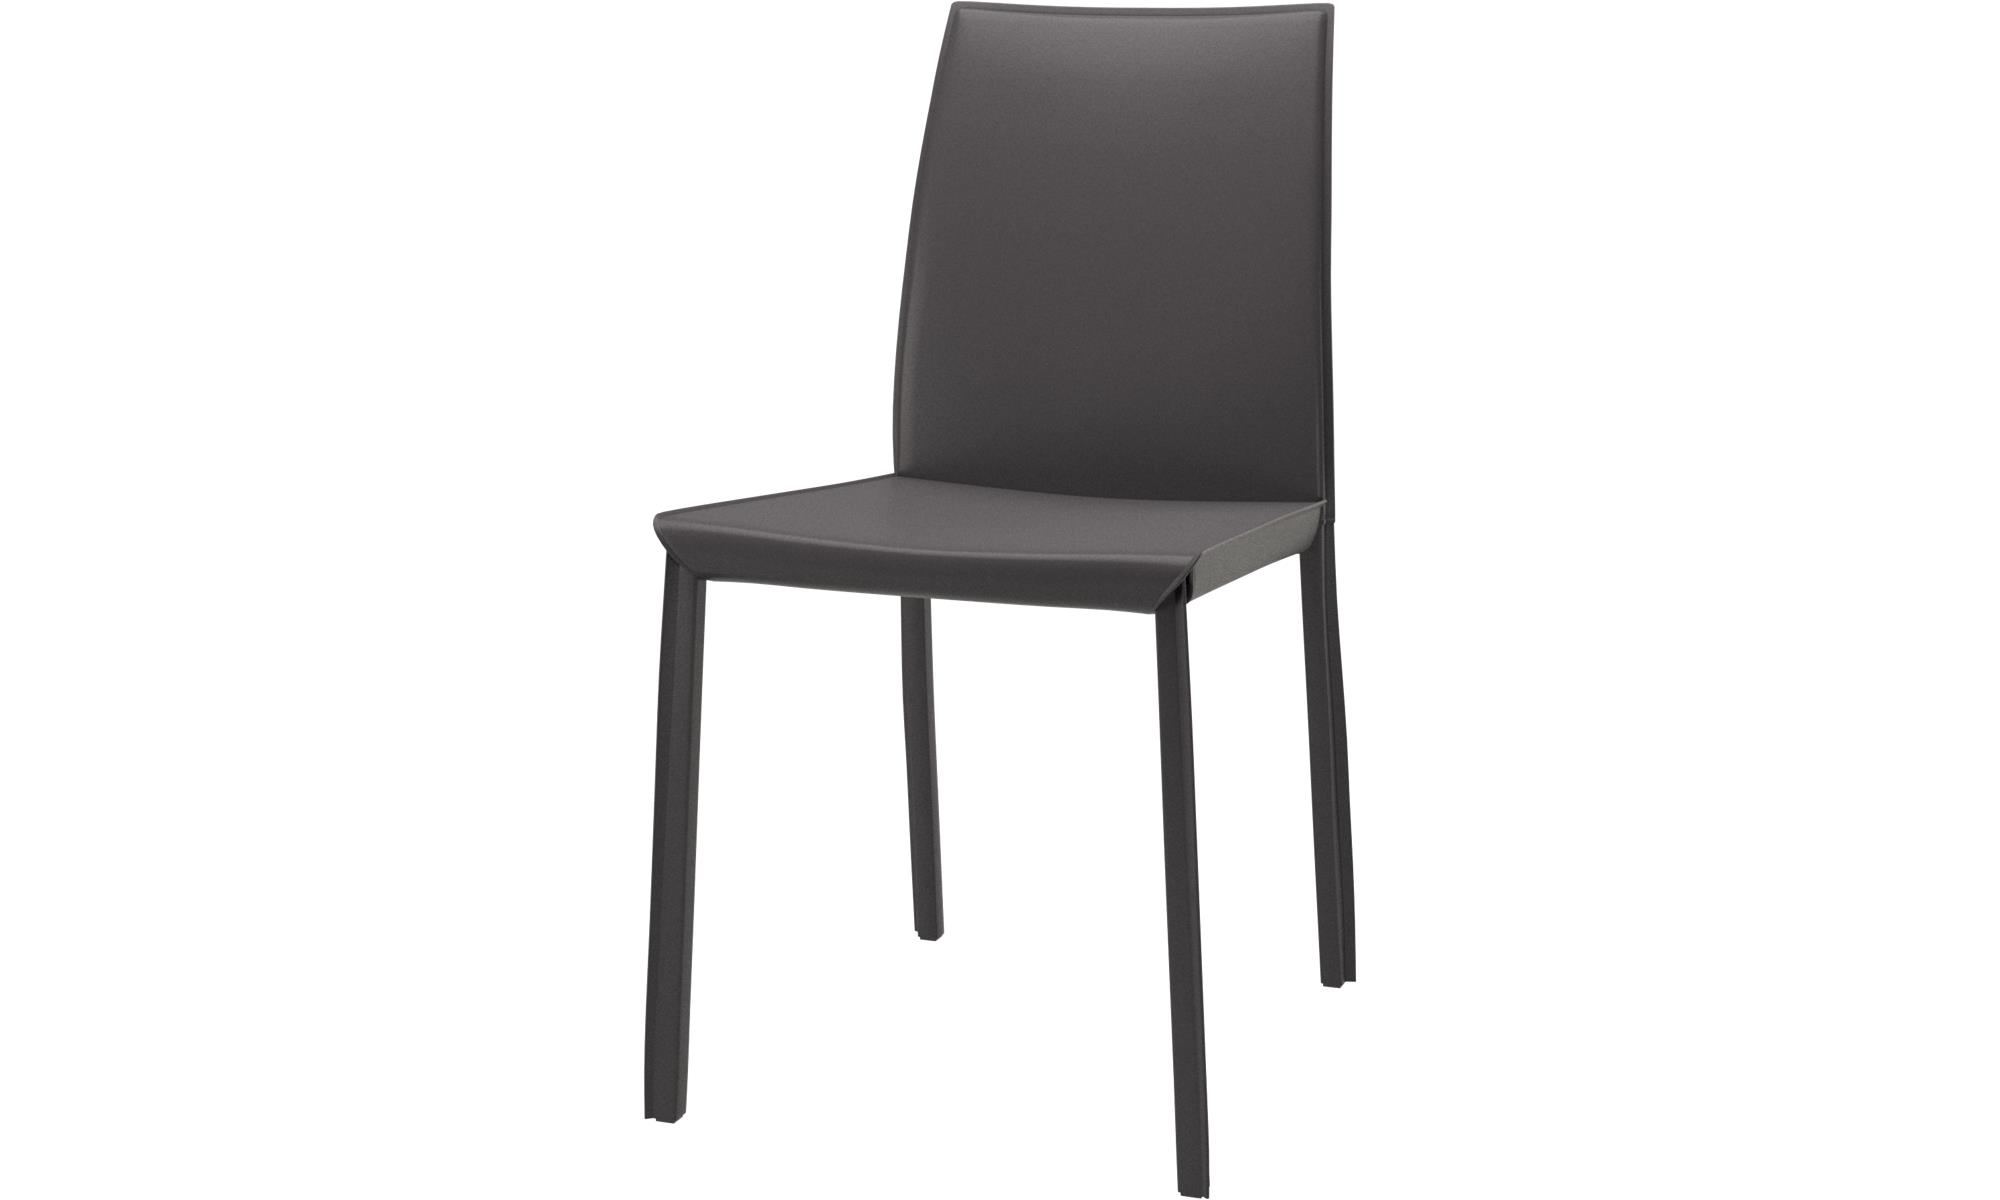 esszimmerst hle zarra stuhl boconcept. Black Bedroom Furniture Sets. Home Design Ideas